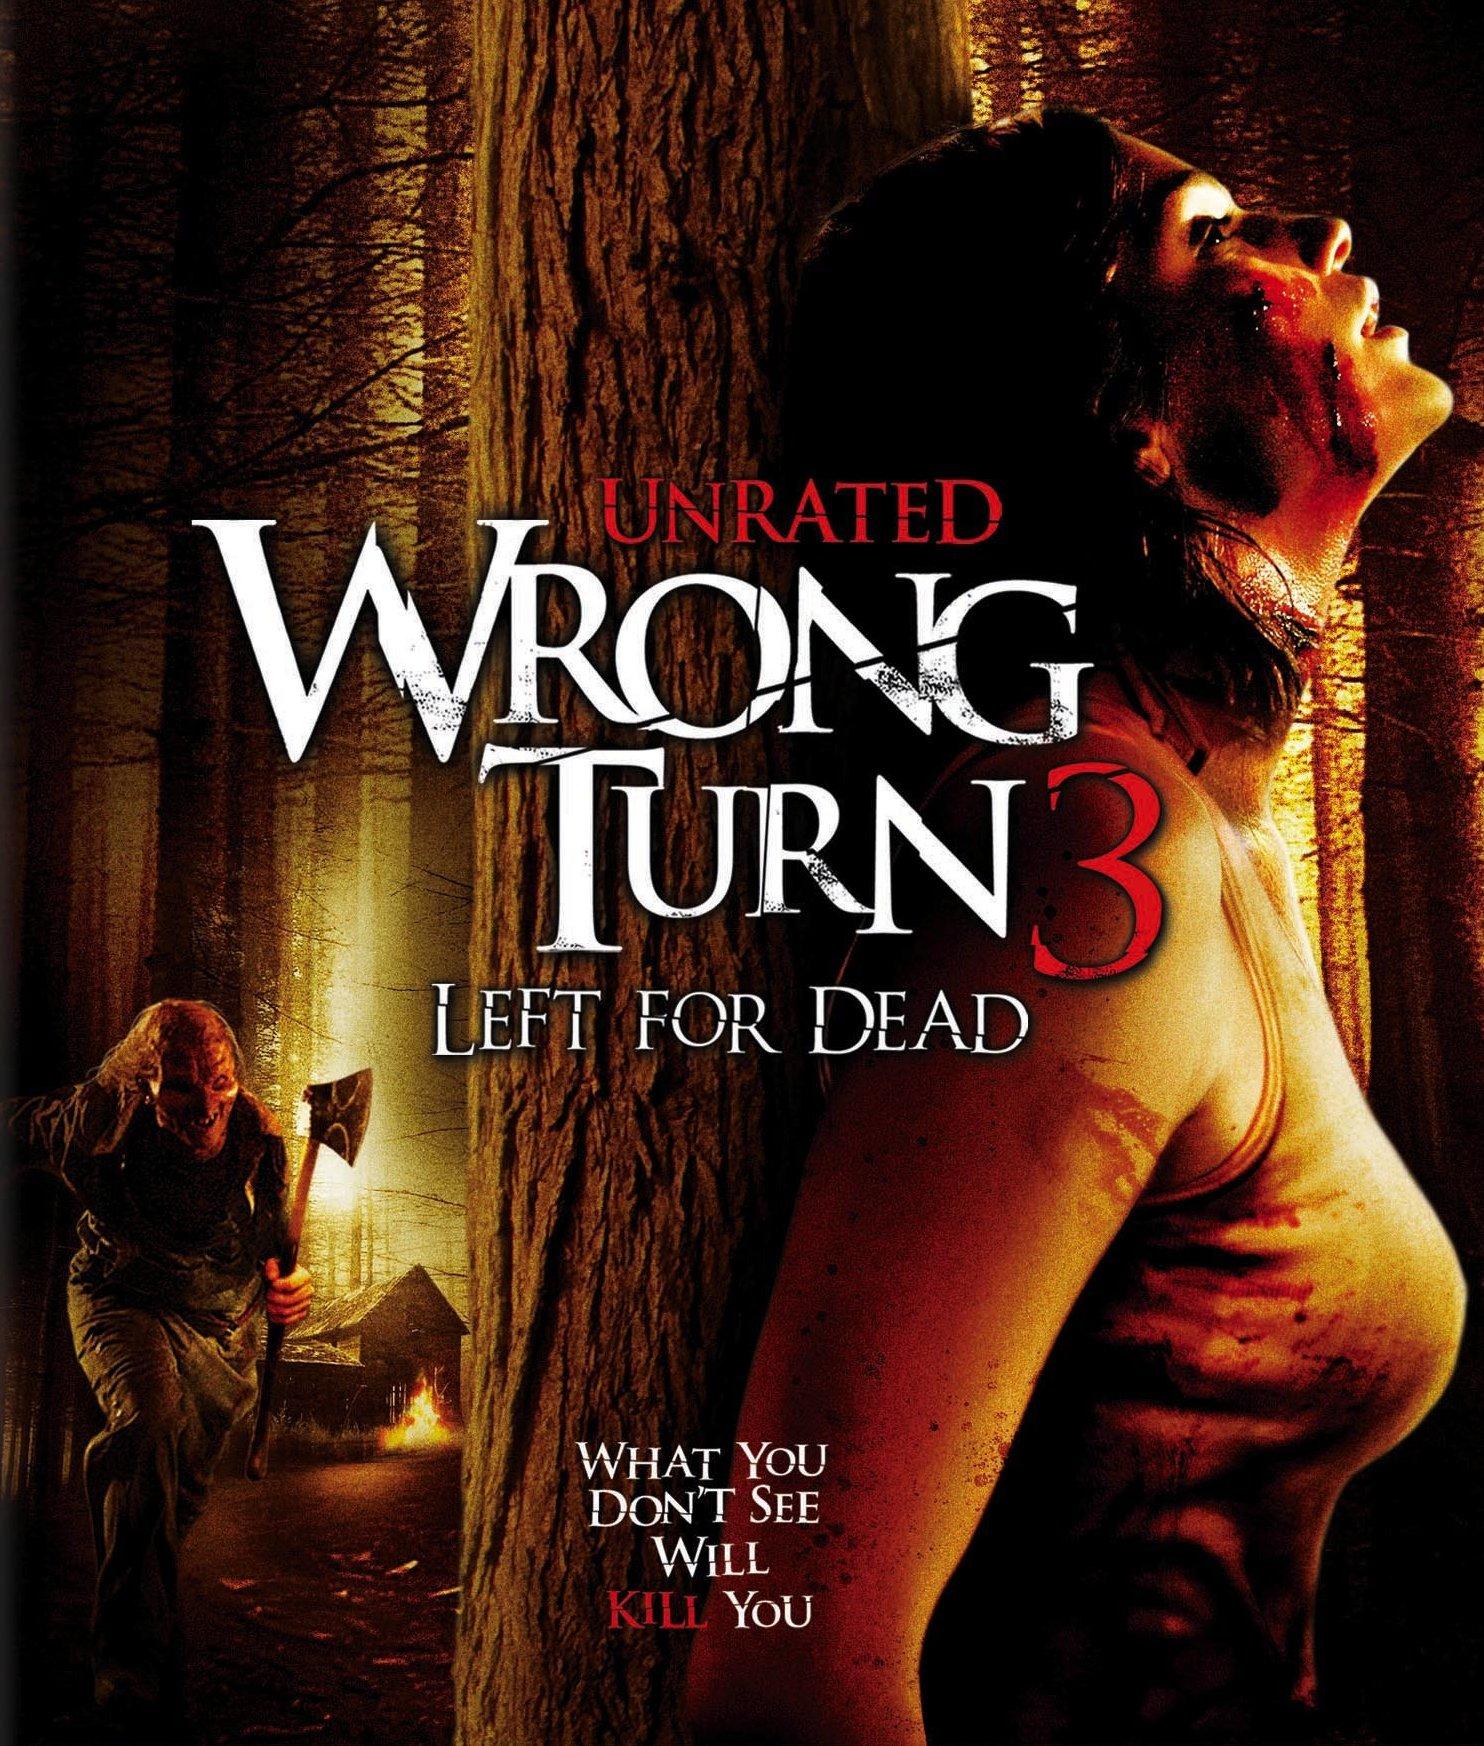 فيلم Wrong Turn 3 2009 مترجم للكبار فقط